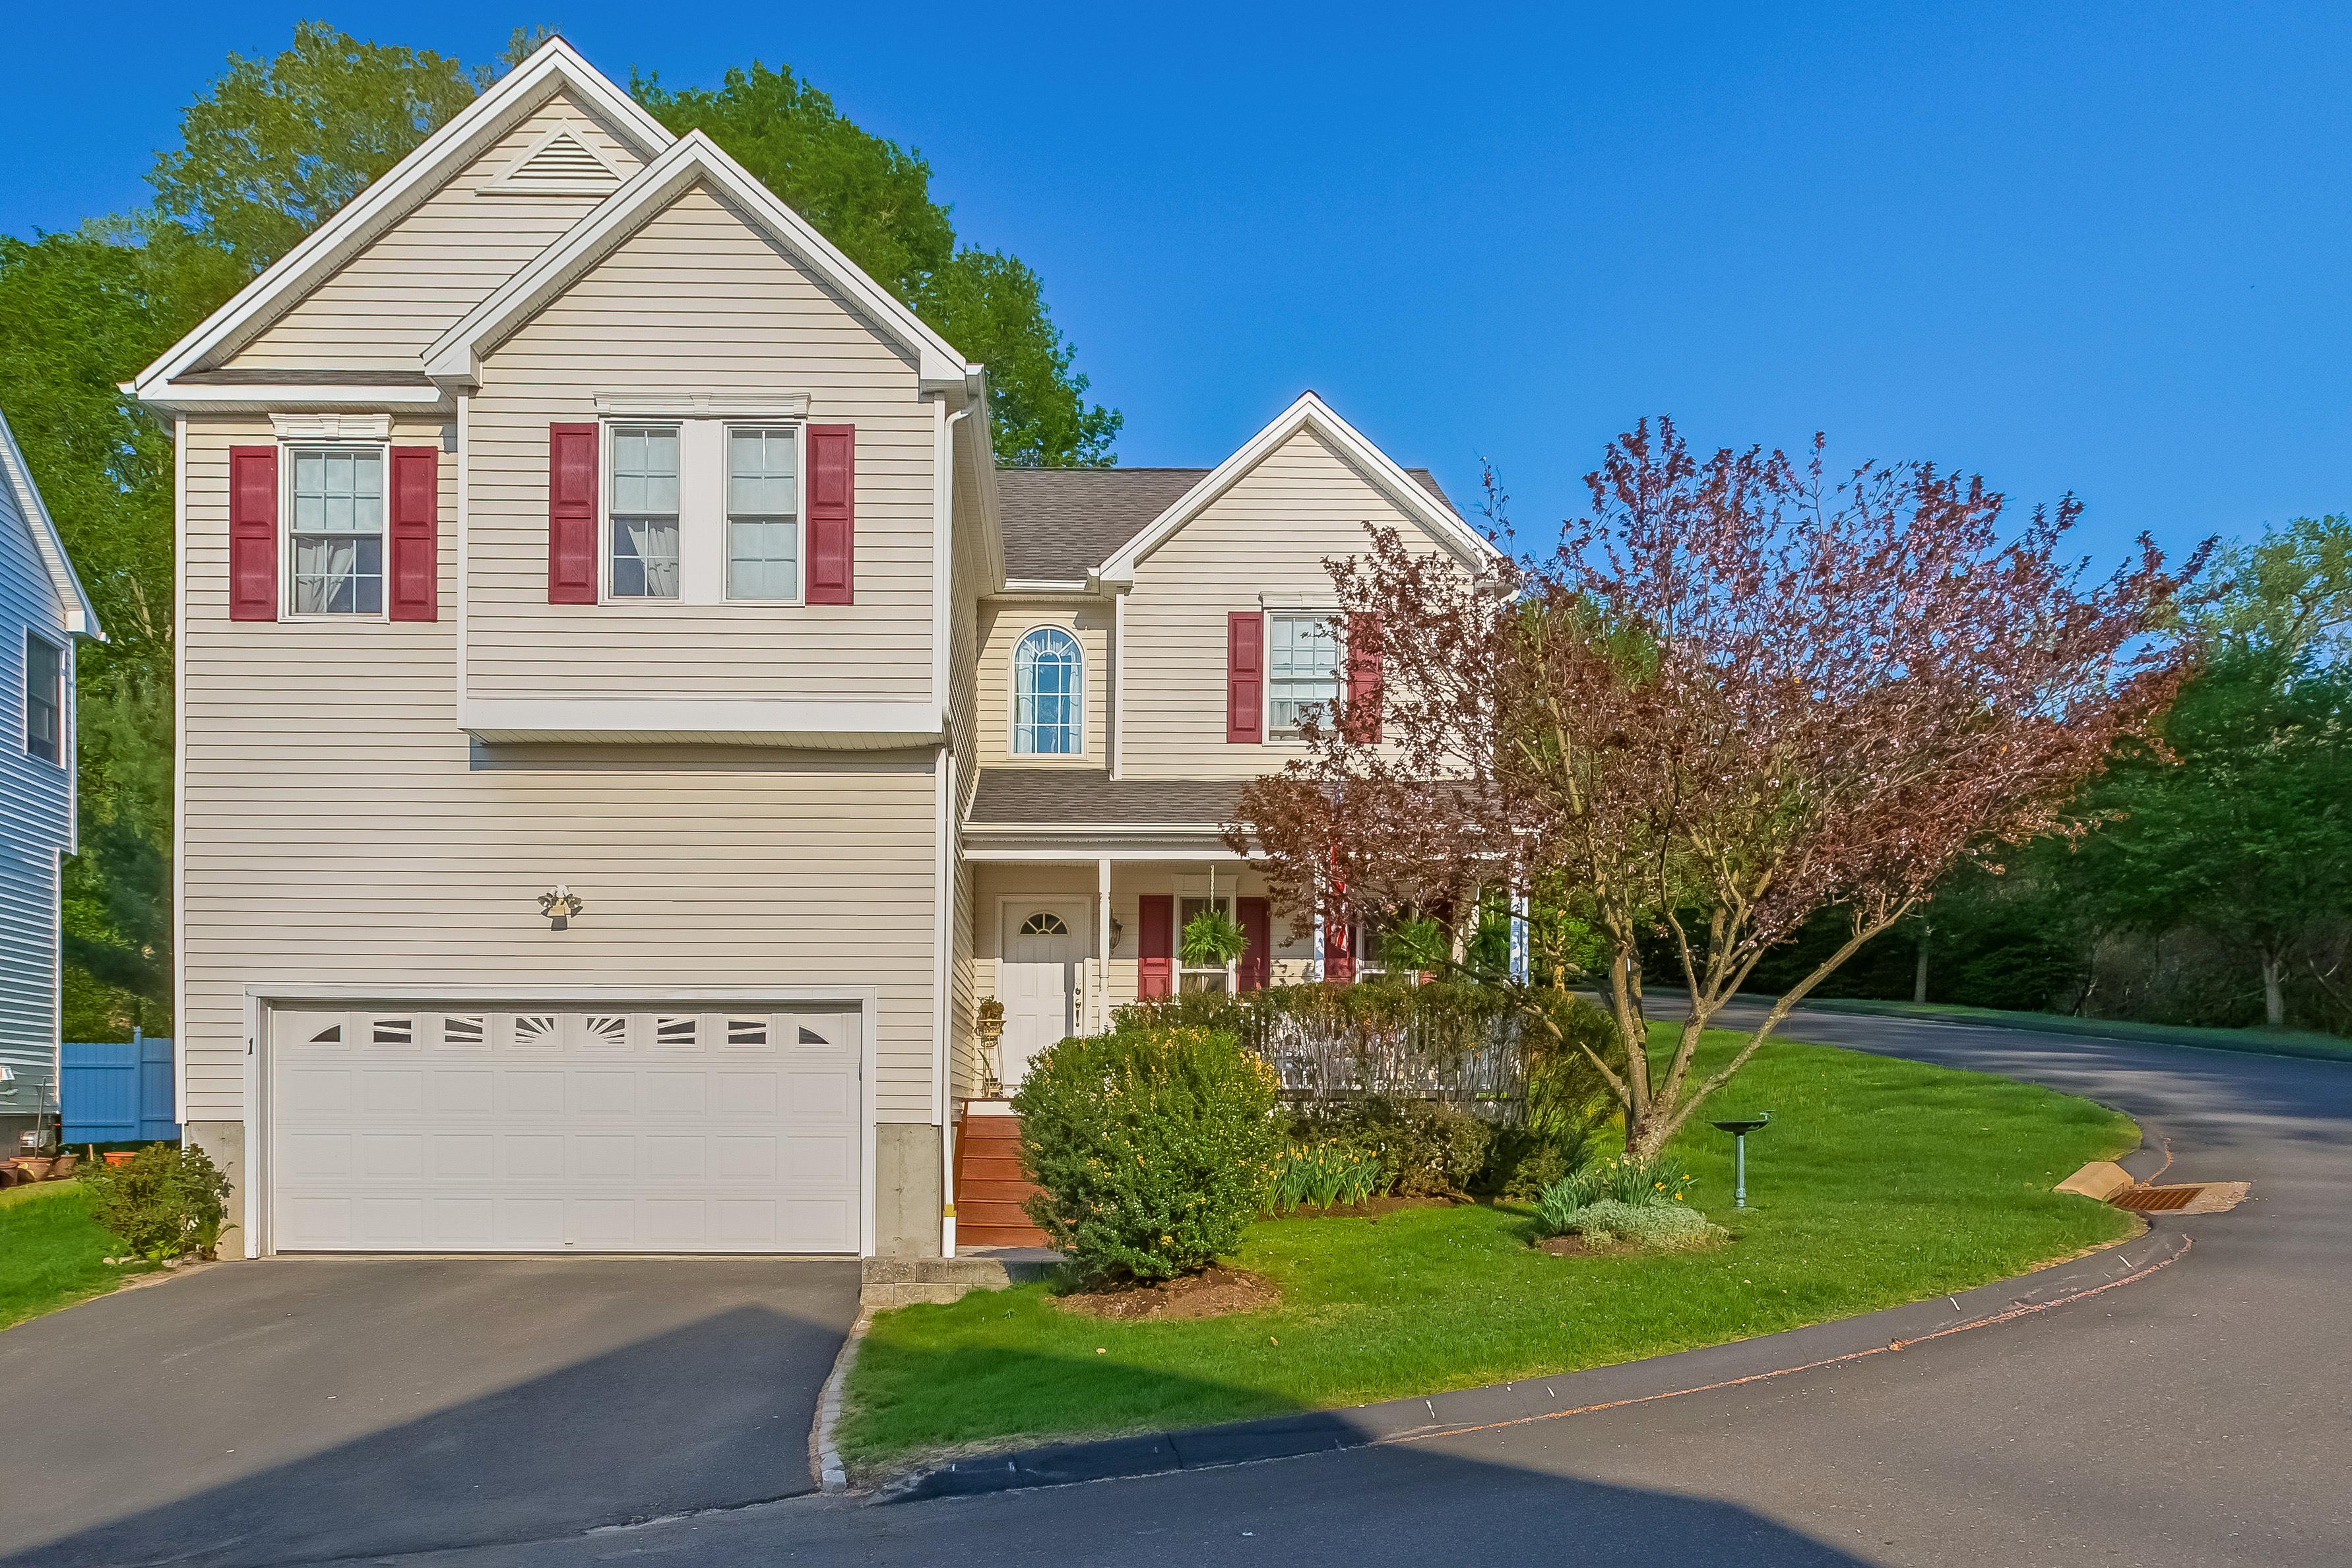 Condomínio para Venda às 4 Bedroom Home in Small, Private Enclave 1 Edgewater Circle 1 Danbury, Connecticut 06810 Estados Unidos